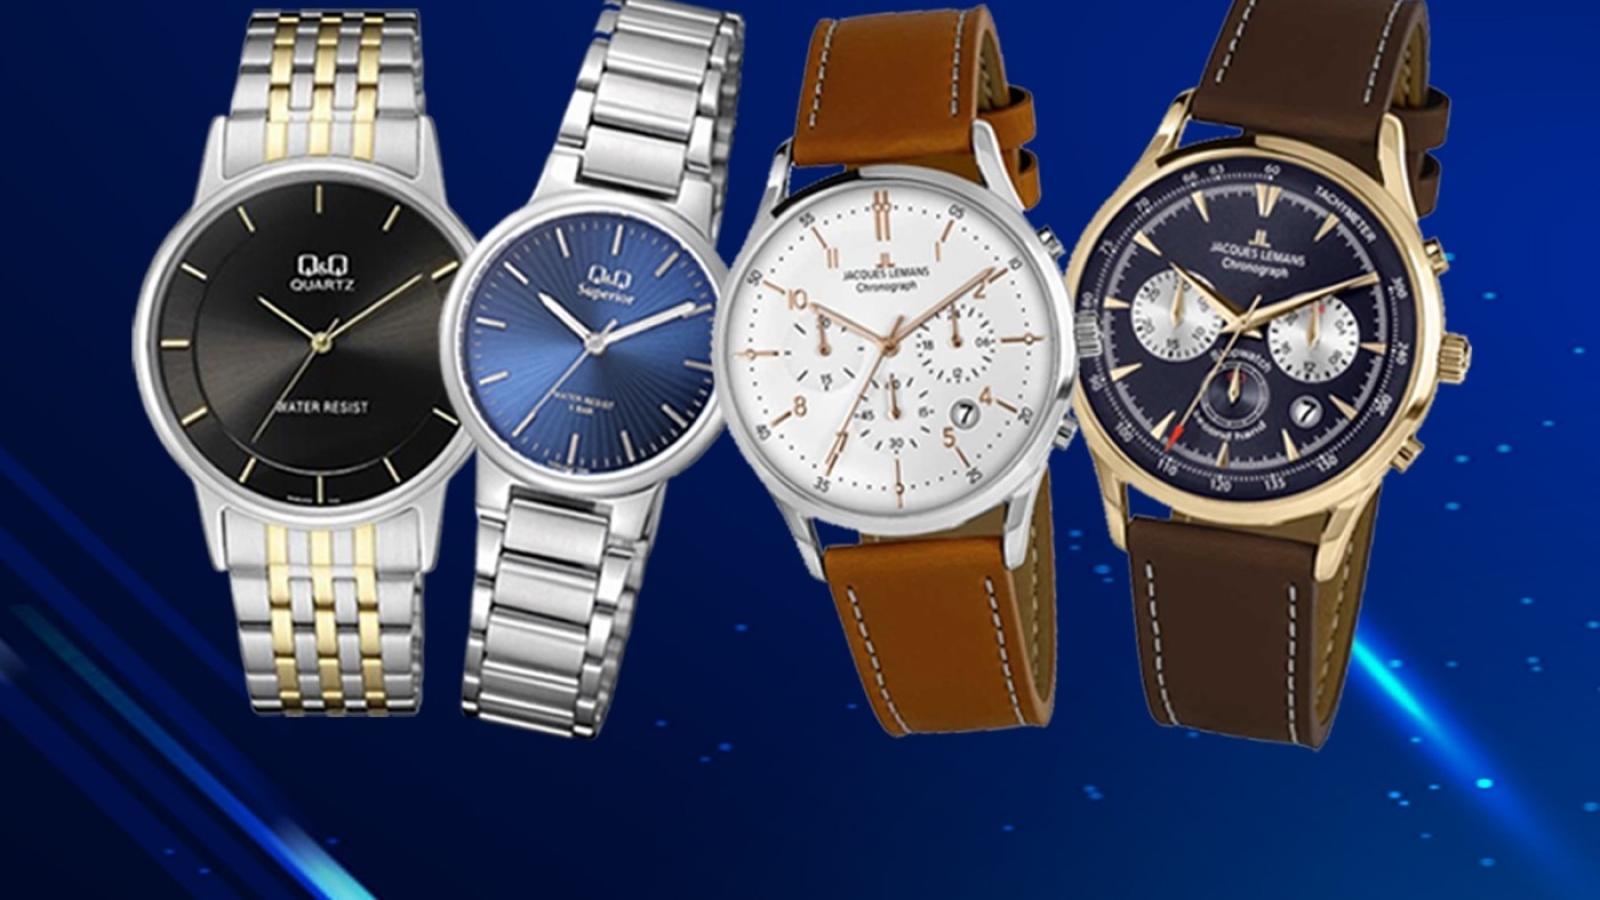 Cơn lốc siêu giảm giá mừng sinh nhật Đăng Quang Watch: giảm đến 40% cùng quà tặng hấp dẫn